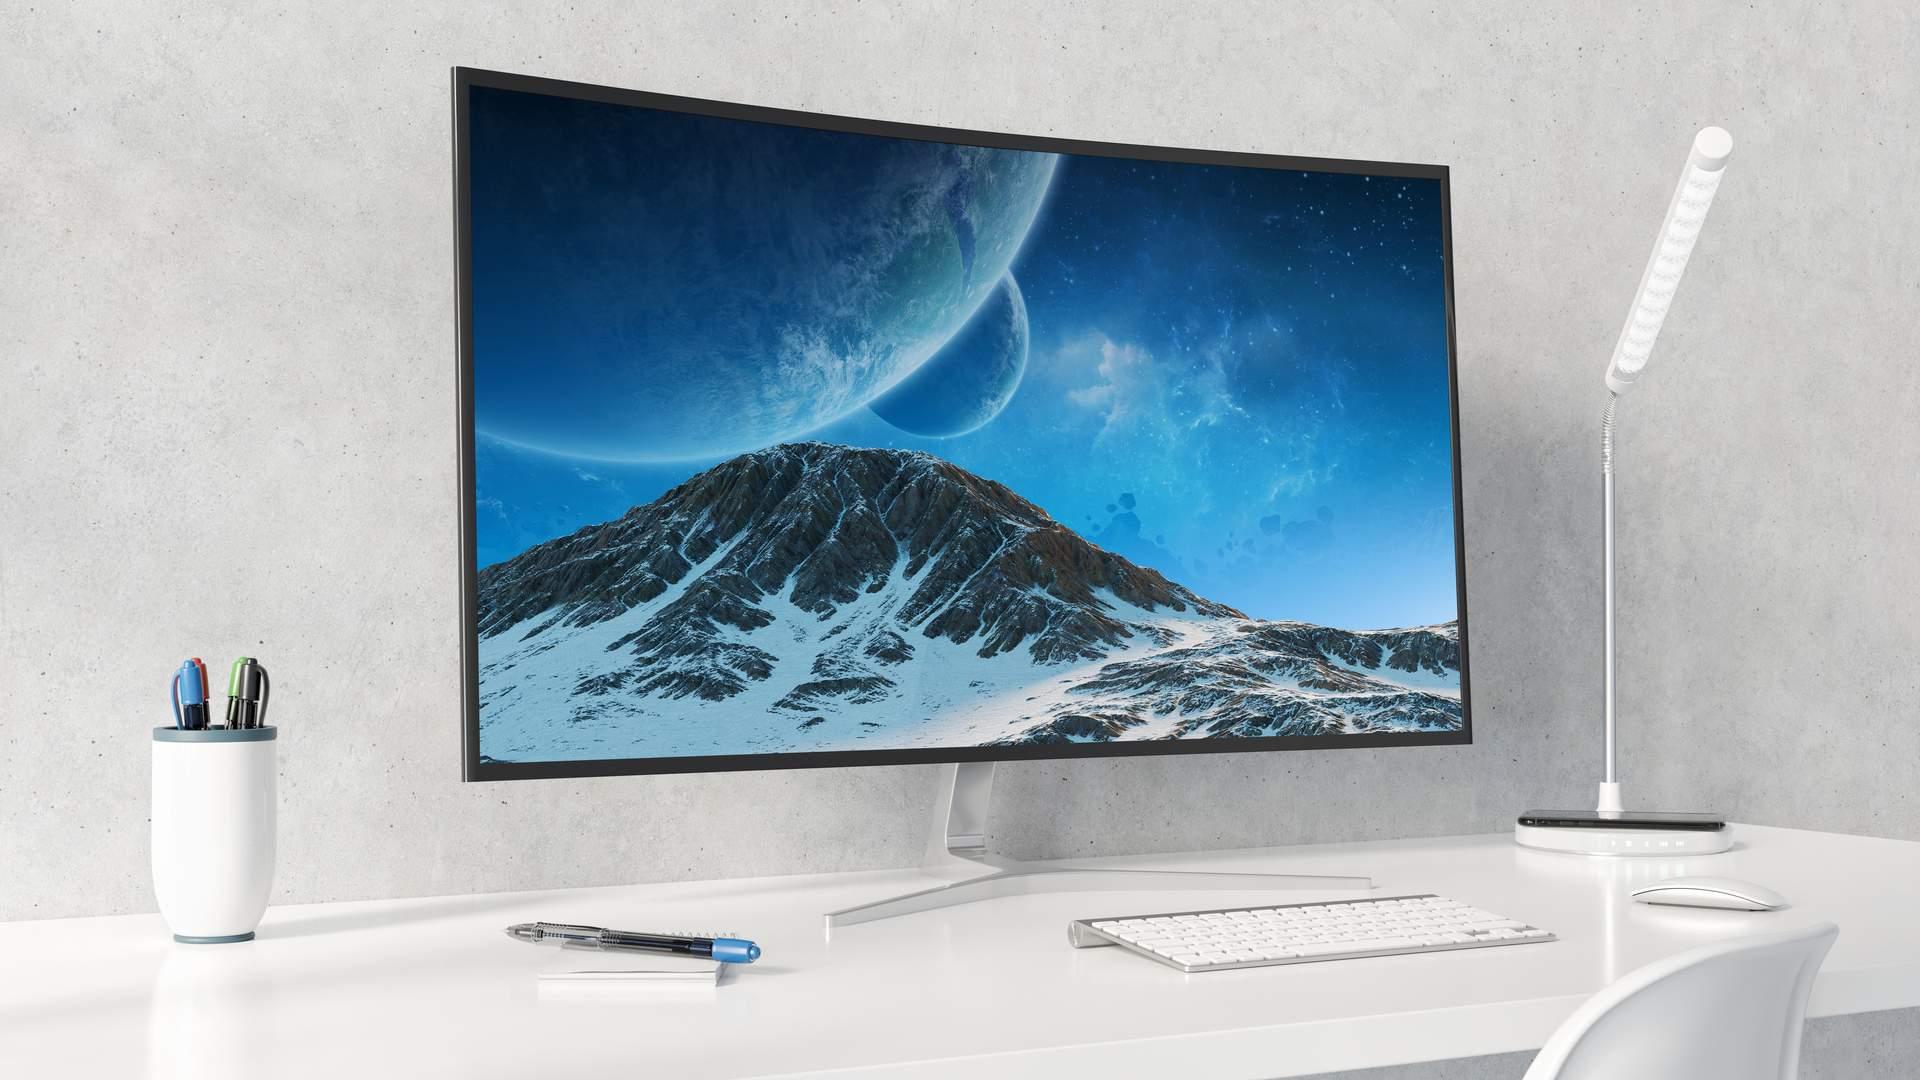 Monitor curvo sobre mesa branco com mini teclado e mouse branco